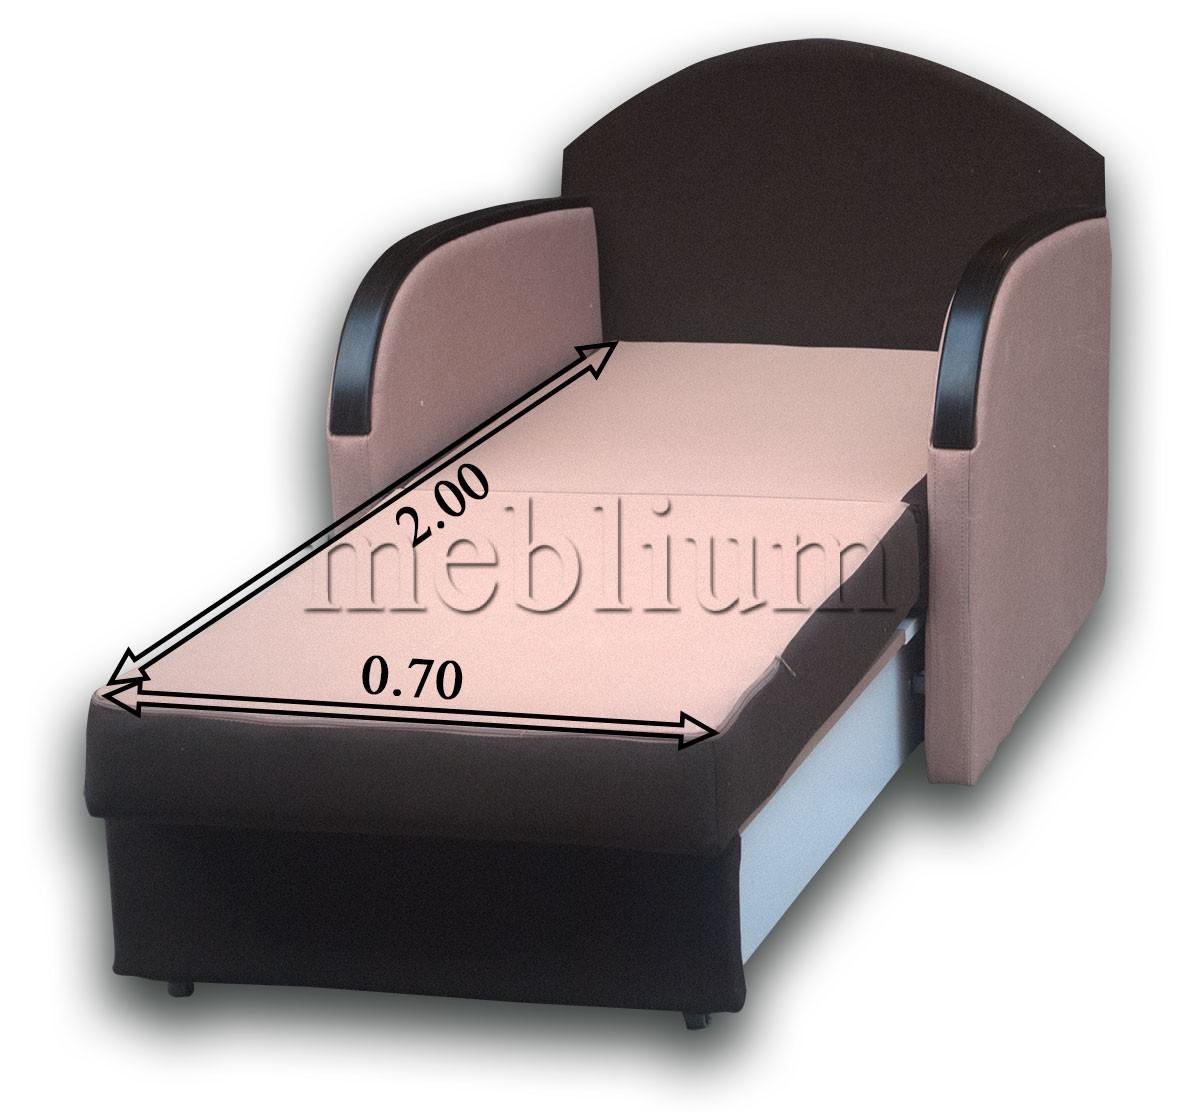 Крісло Лада Софа-47 Тетра бітер + Тетра джинджер Розміри спального місця